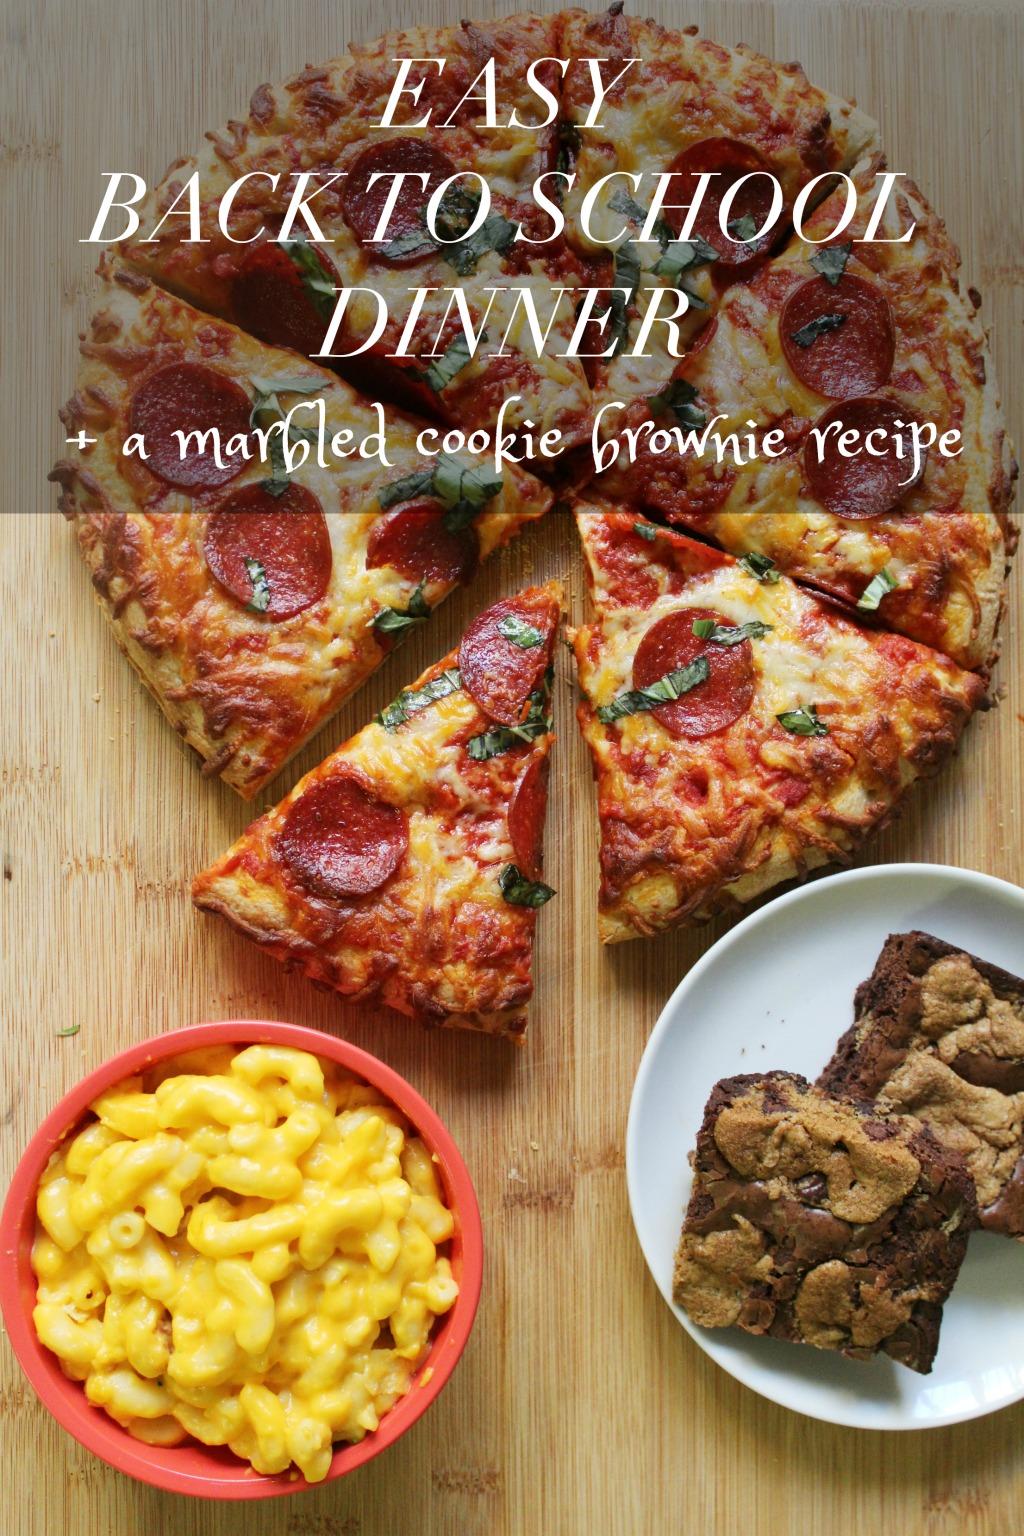 Easy BTS Dinner + Marbled Cookie Brownie Recipe